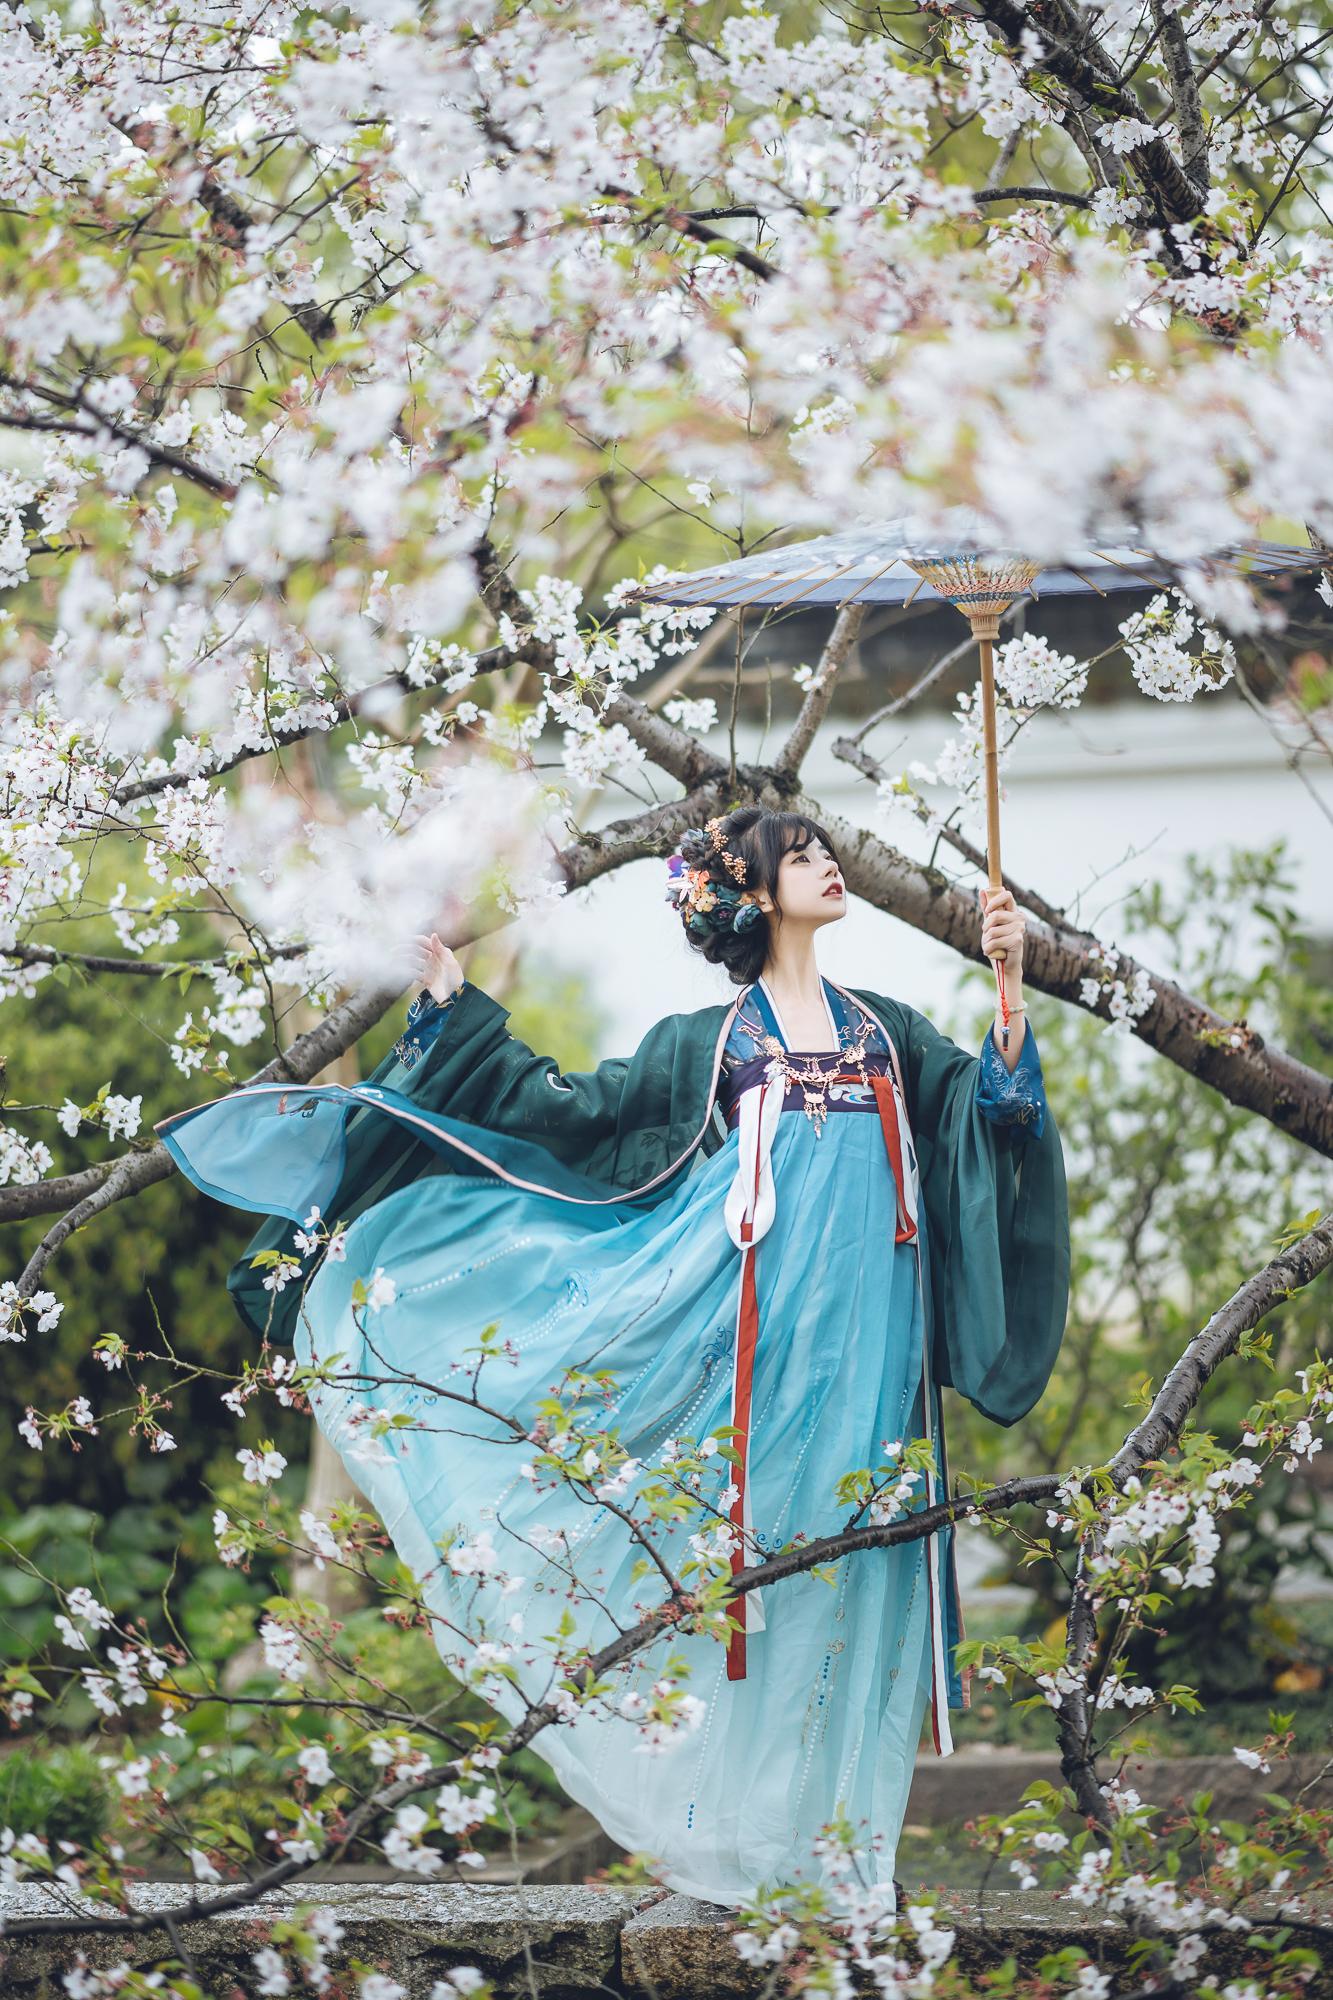 春花集 III 拍着拍着下起了雨插图(9)